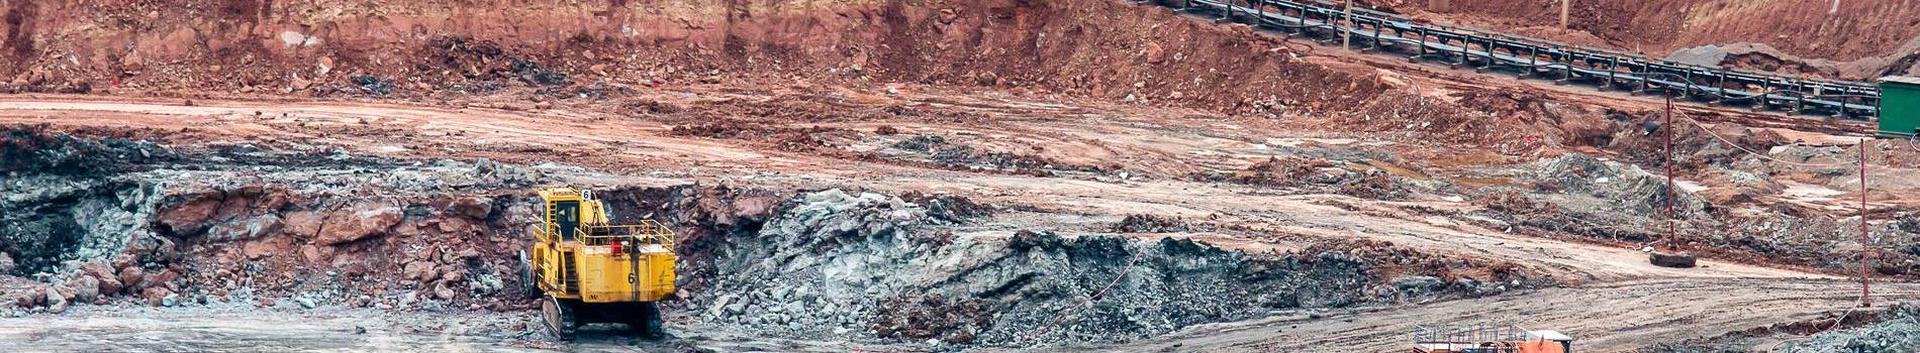 46631_kaevandusmasinate-hulgimuuk_40659930_xl.jpg